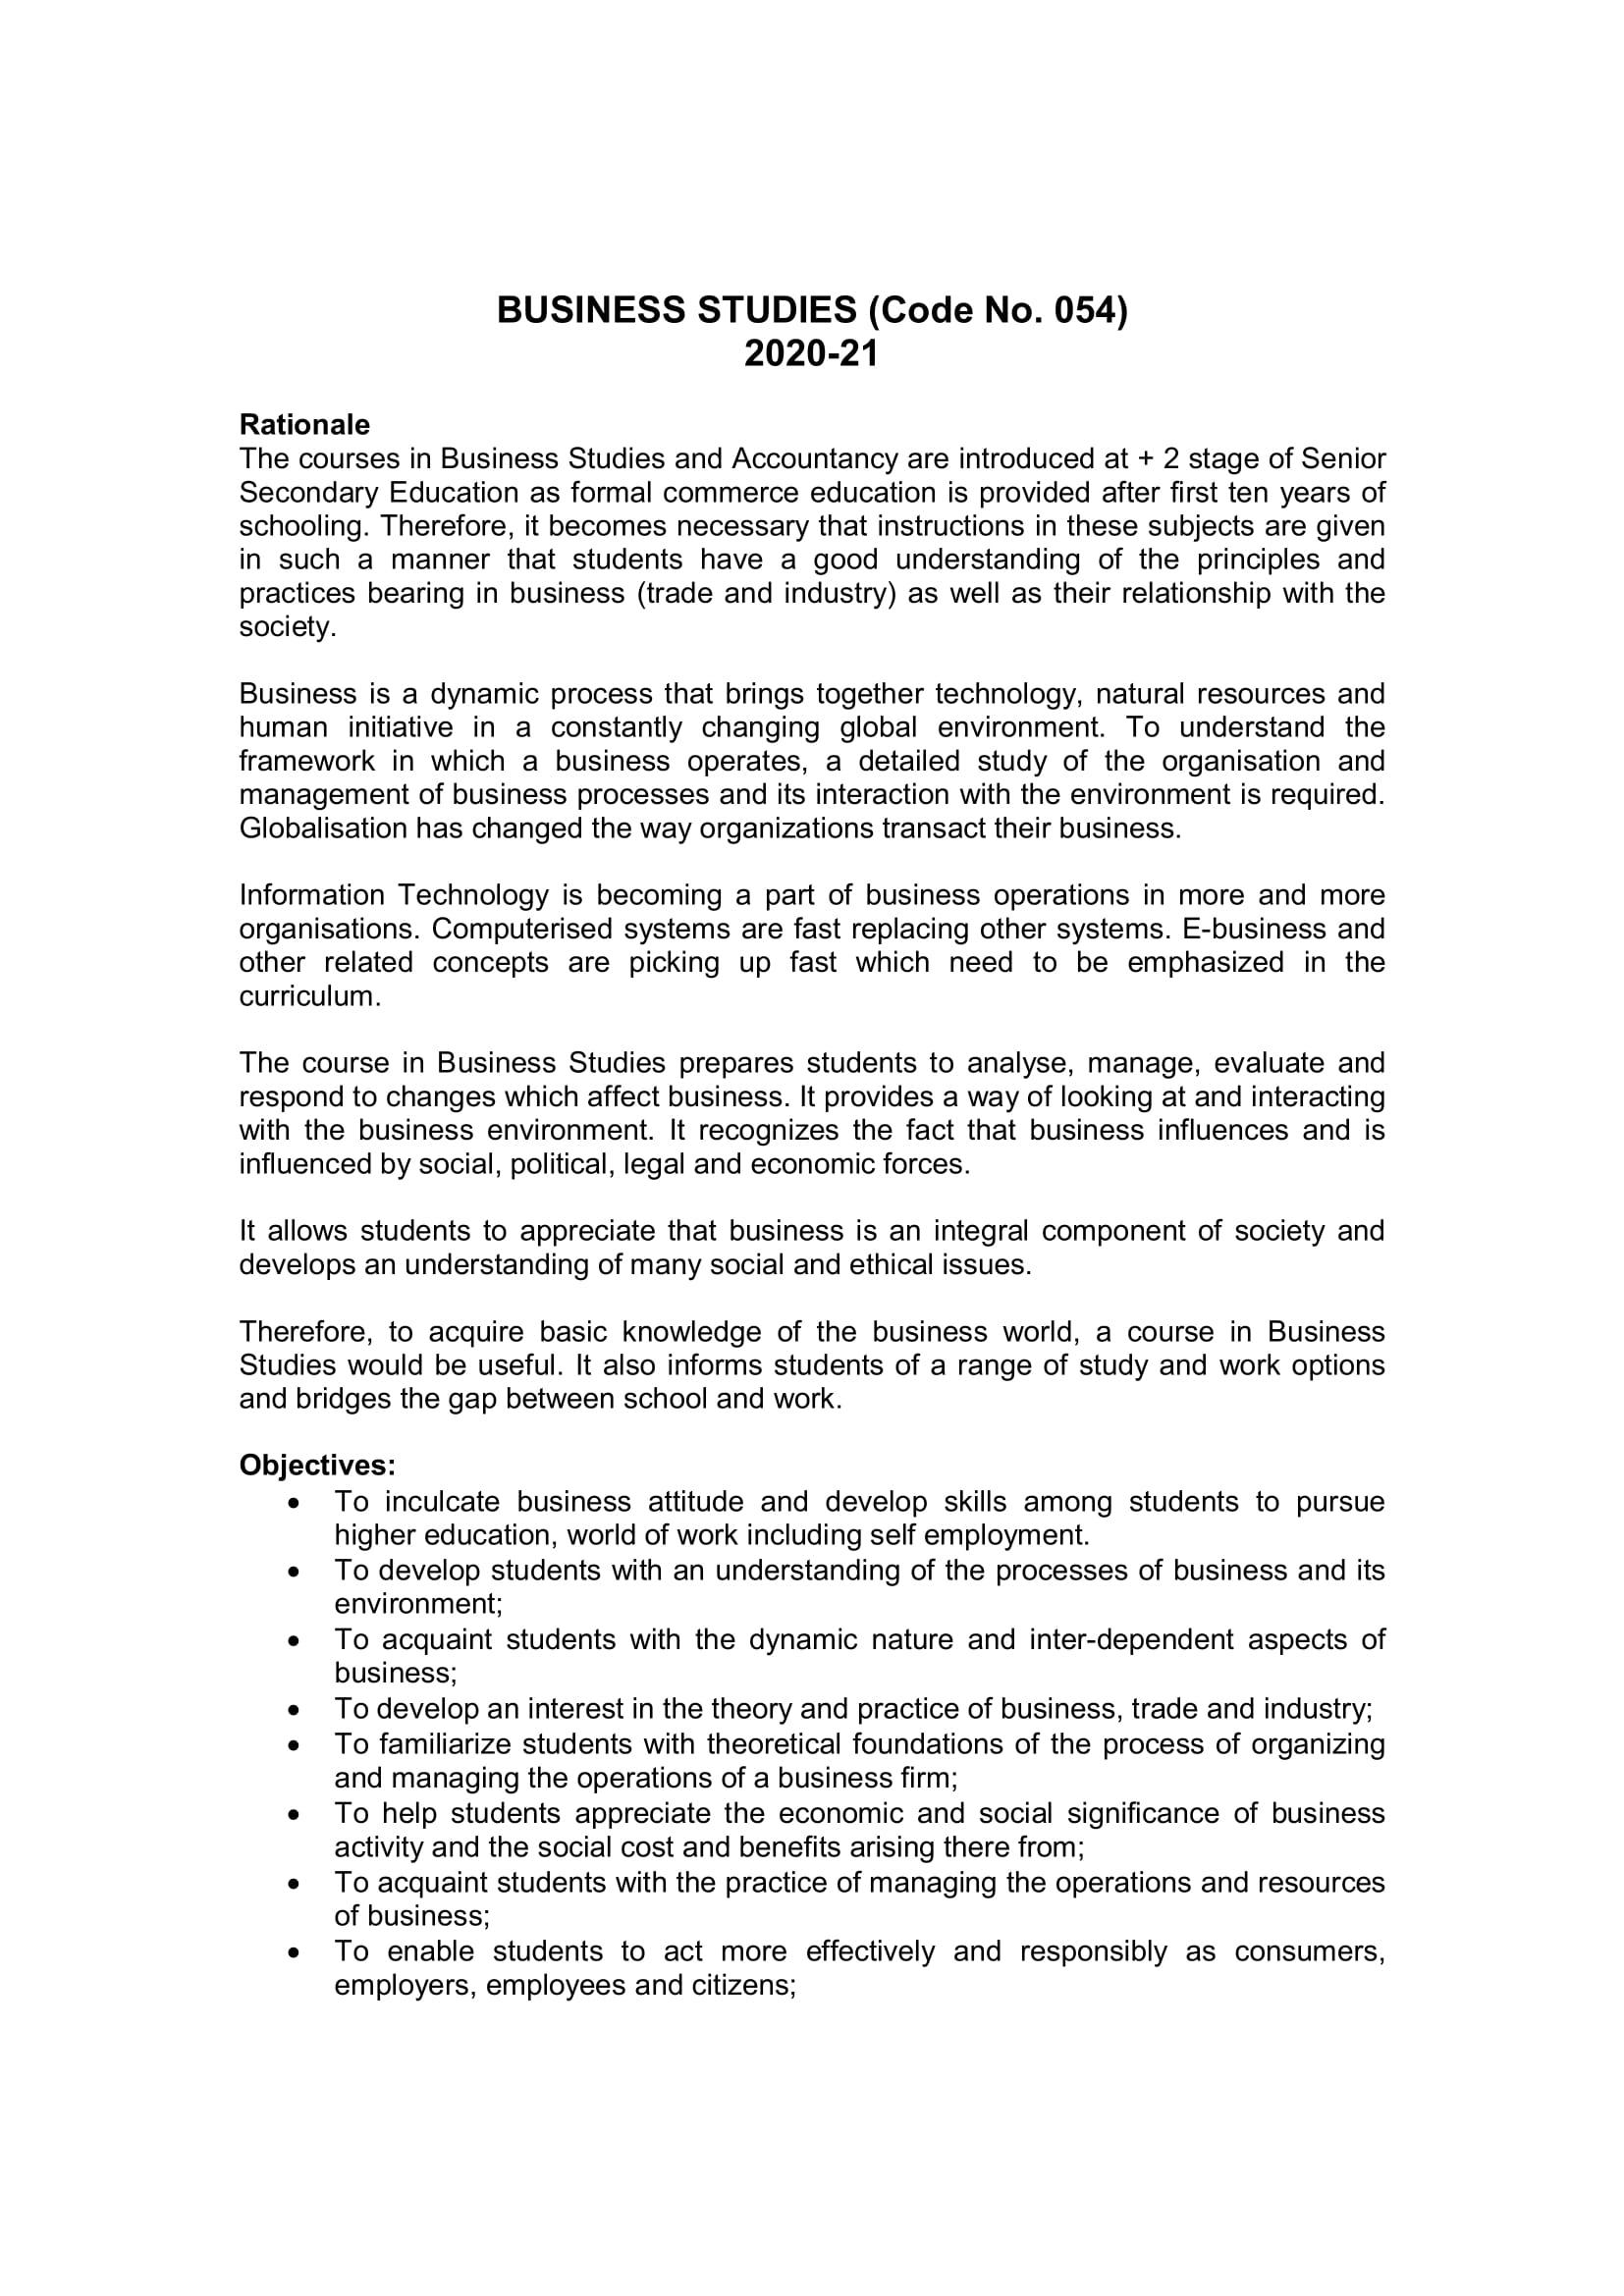 BusinessStudies Sr.Sec 2020 21 2 01 1